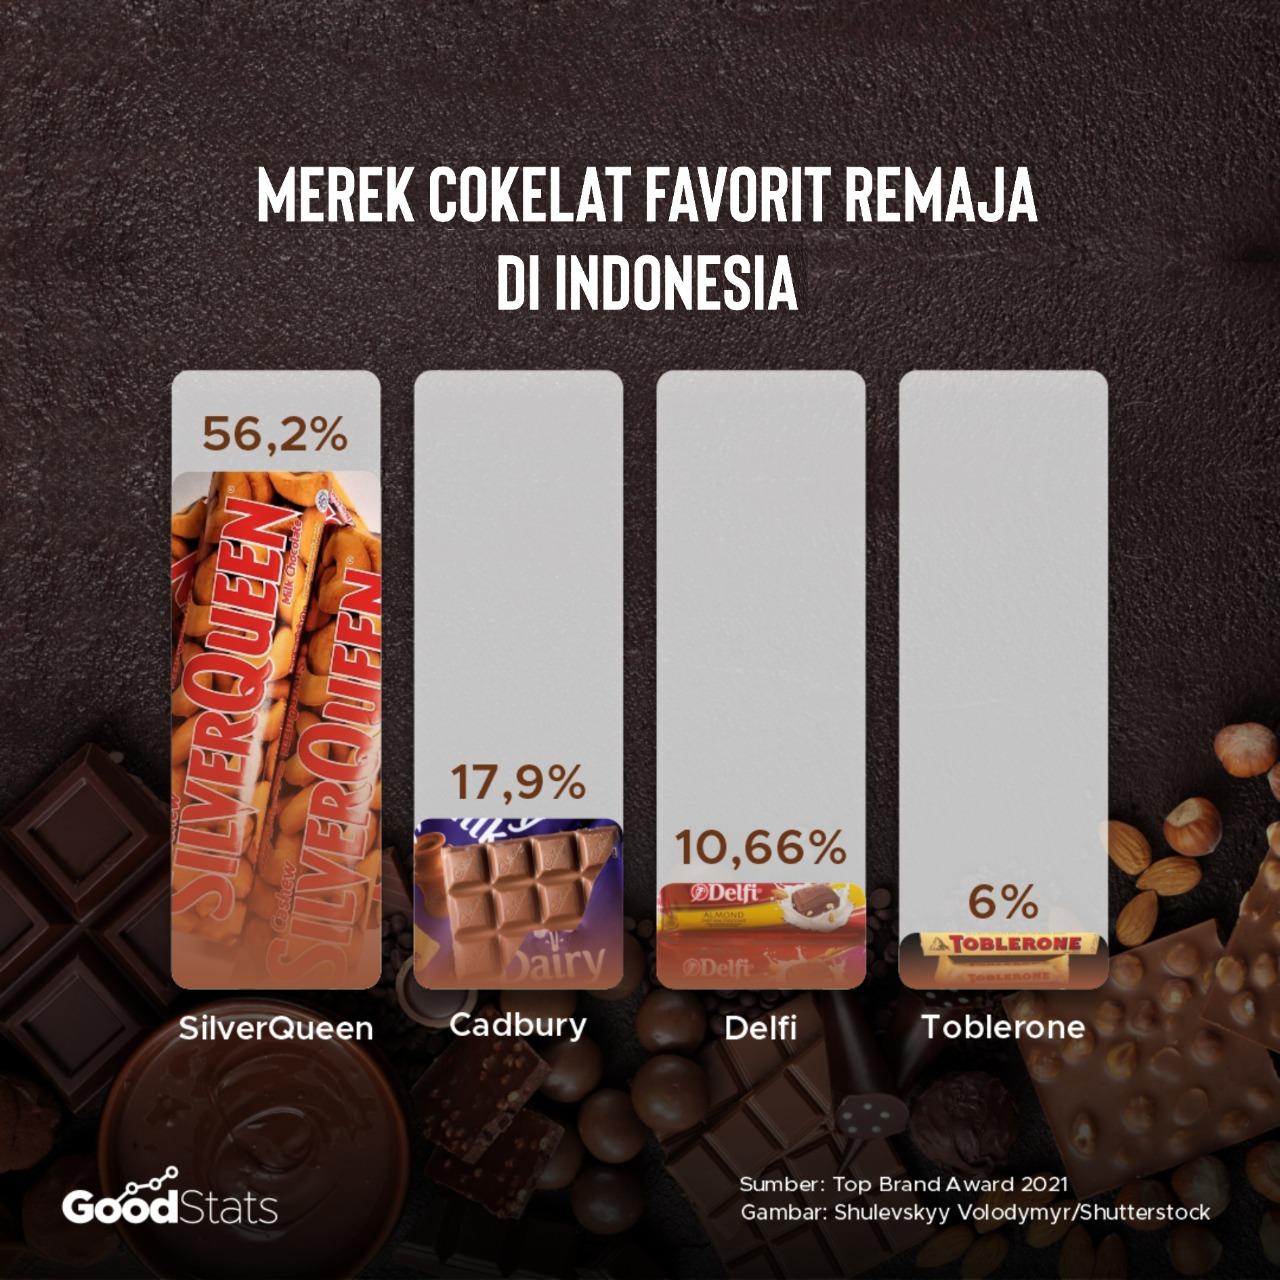 Merek Coklat Terfavorit Bagi Remaja di Indonesia | Good News From Indonesia